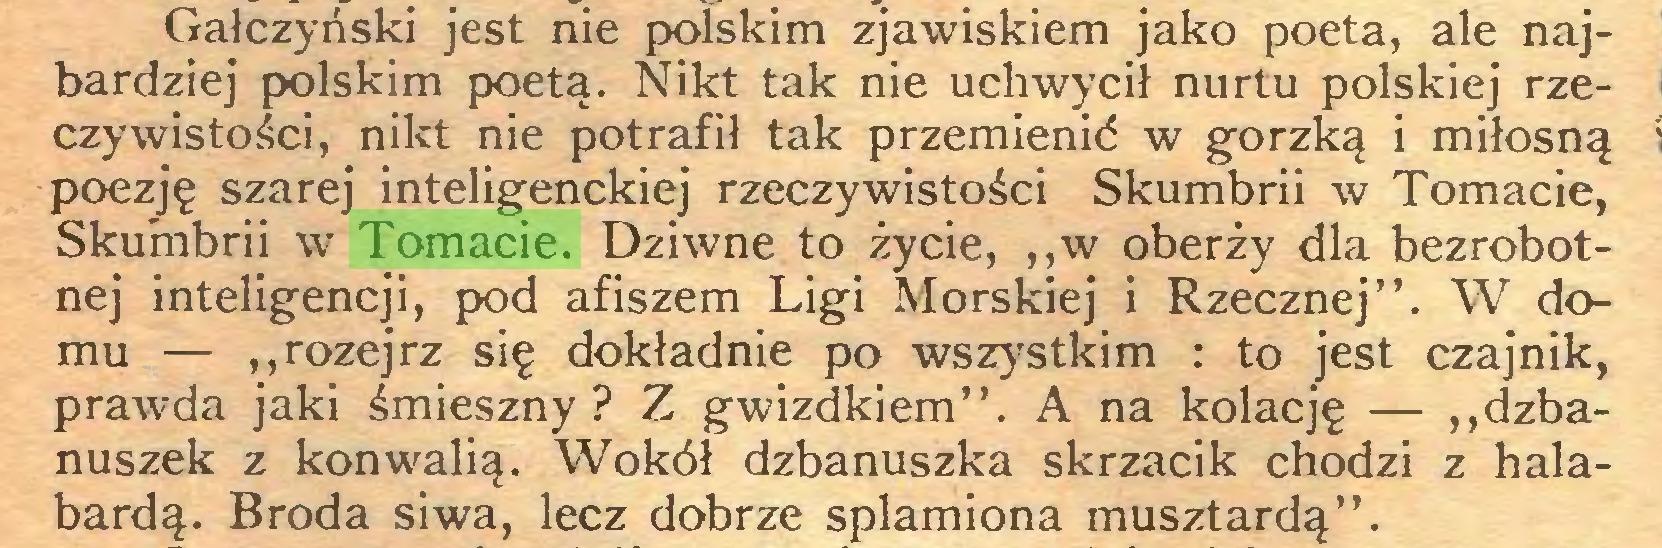 """(...) Gałczyński jest nie polskim zjawiskiem jako poeta, ale najbardziej polskim poetą. Nikt tak nie uchwycił nurtu polskiej rzeczywistości, nikt nie potrafił tak przemienić w gorzką i miłosną poezję szarej inteligenckiej rzeczywistości Skumbrii w Tomacie, Skumbrii w Tomacie. Dziwne to życie, ,,w oberży dla bezrobotnej inteligencji, pod afiszem Ligi Morskiej i Rzecznej"""". W domu — """"rozejrz się dokładnie po wszystkim : to jest czajnik, prawda jaki śmieszny? Z gwizdkiem"""". A na kolację — """"dzbanuszek z konwalią. Wokół dzbanuszka skrzacik chodzi z halabardą. Broda siwa, lecz dobrze splamiona musztardą""""..."""